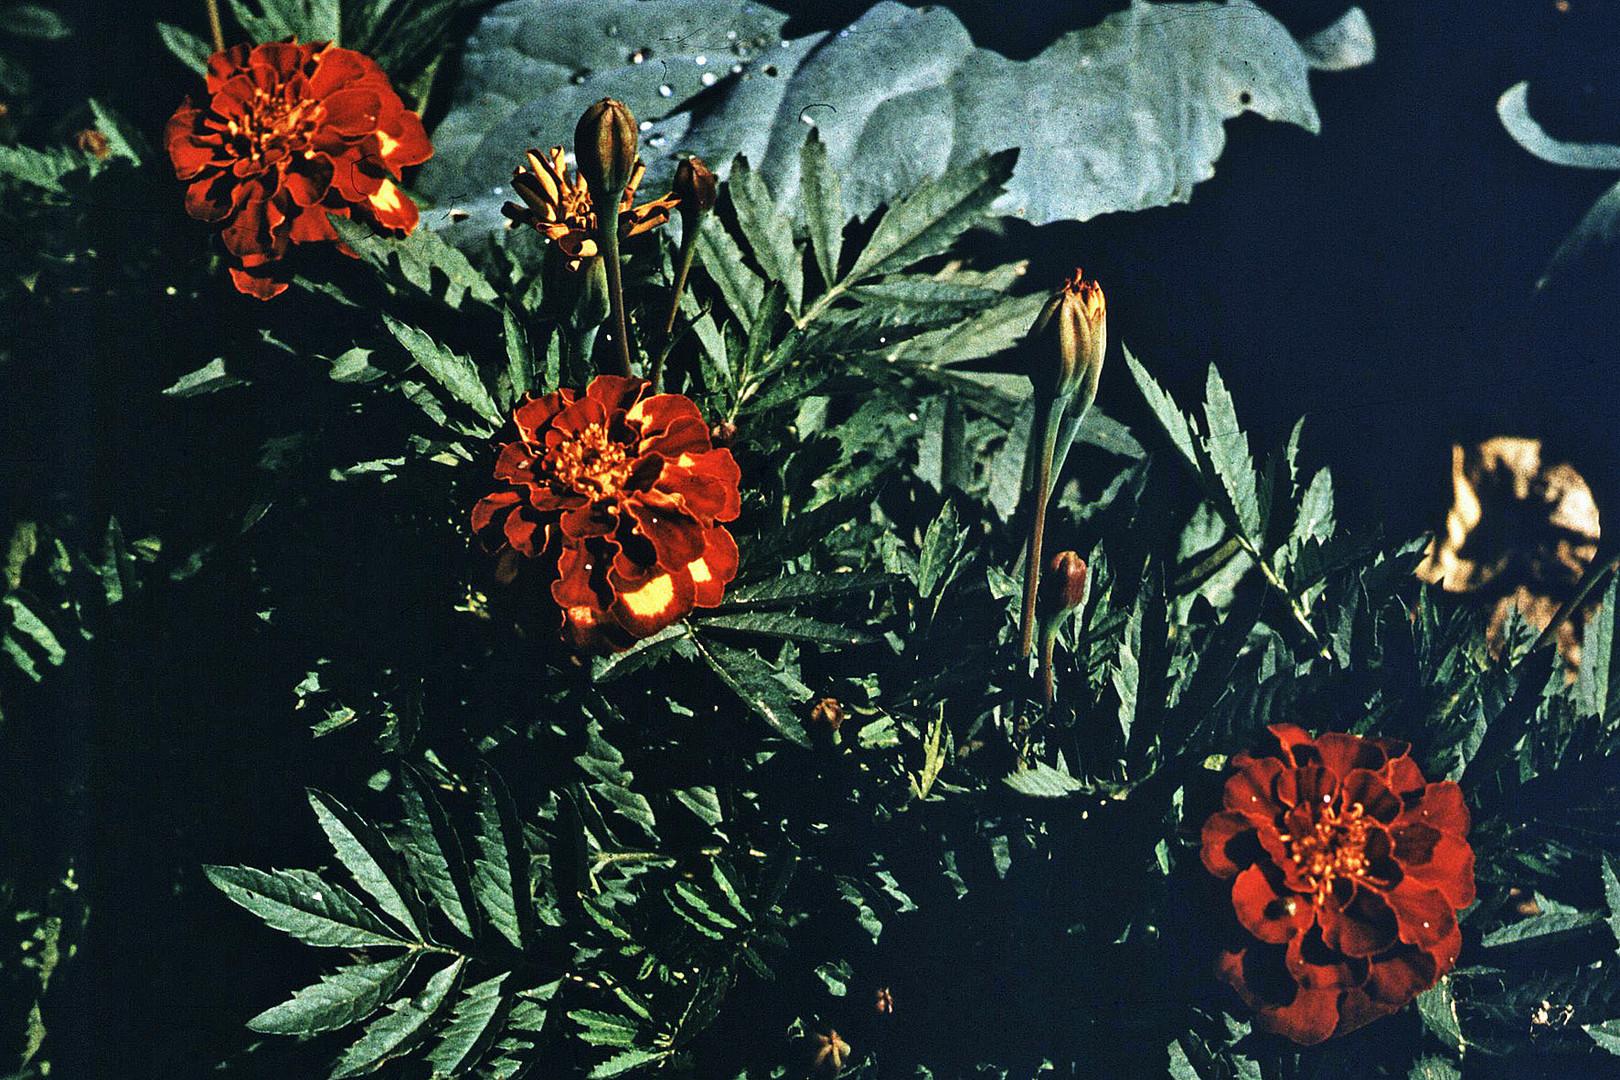 Tagetes und Kohblätter mit Tauperlen - 2